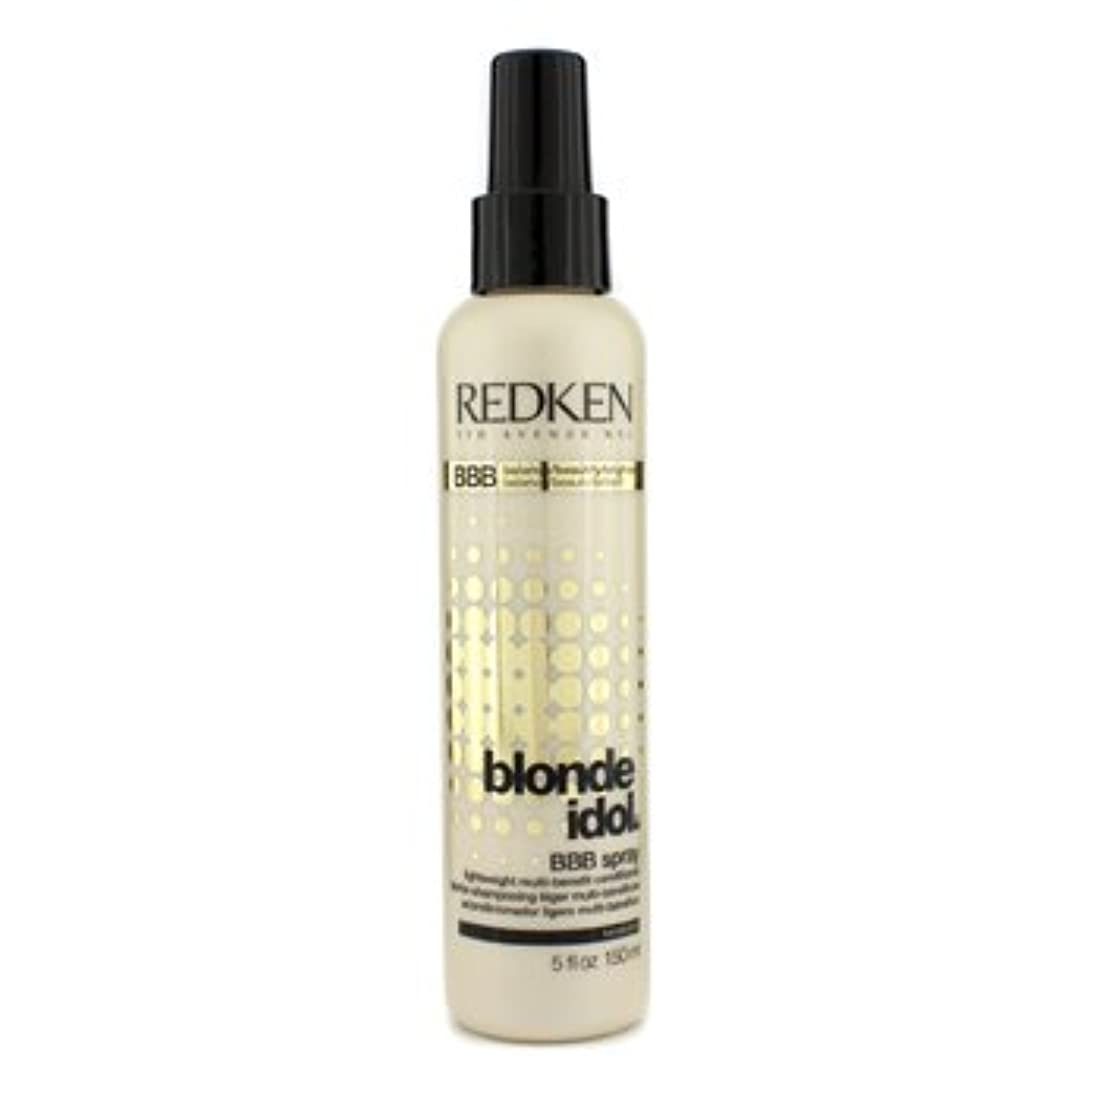 換気巨大失効[Redken] Blonde Idol BBB Spray Lightweight Multi-Benefit Conditioner (For Beautiful Blonde Hair) 150ml/5oz